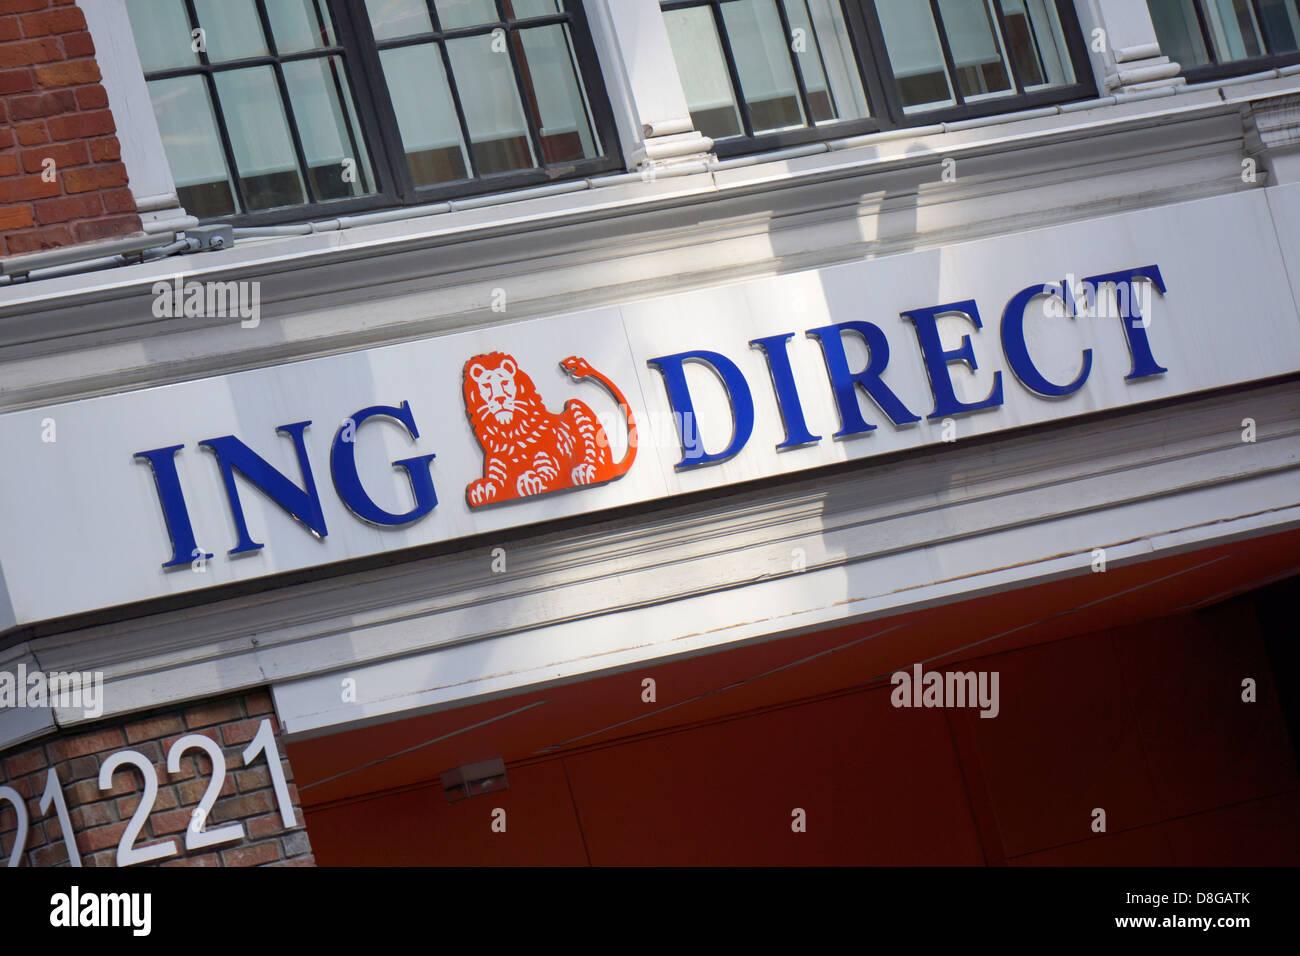 ING Direct - Stock Image